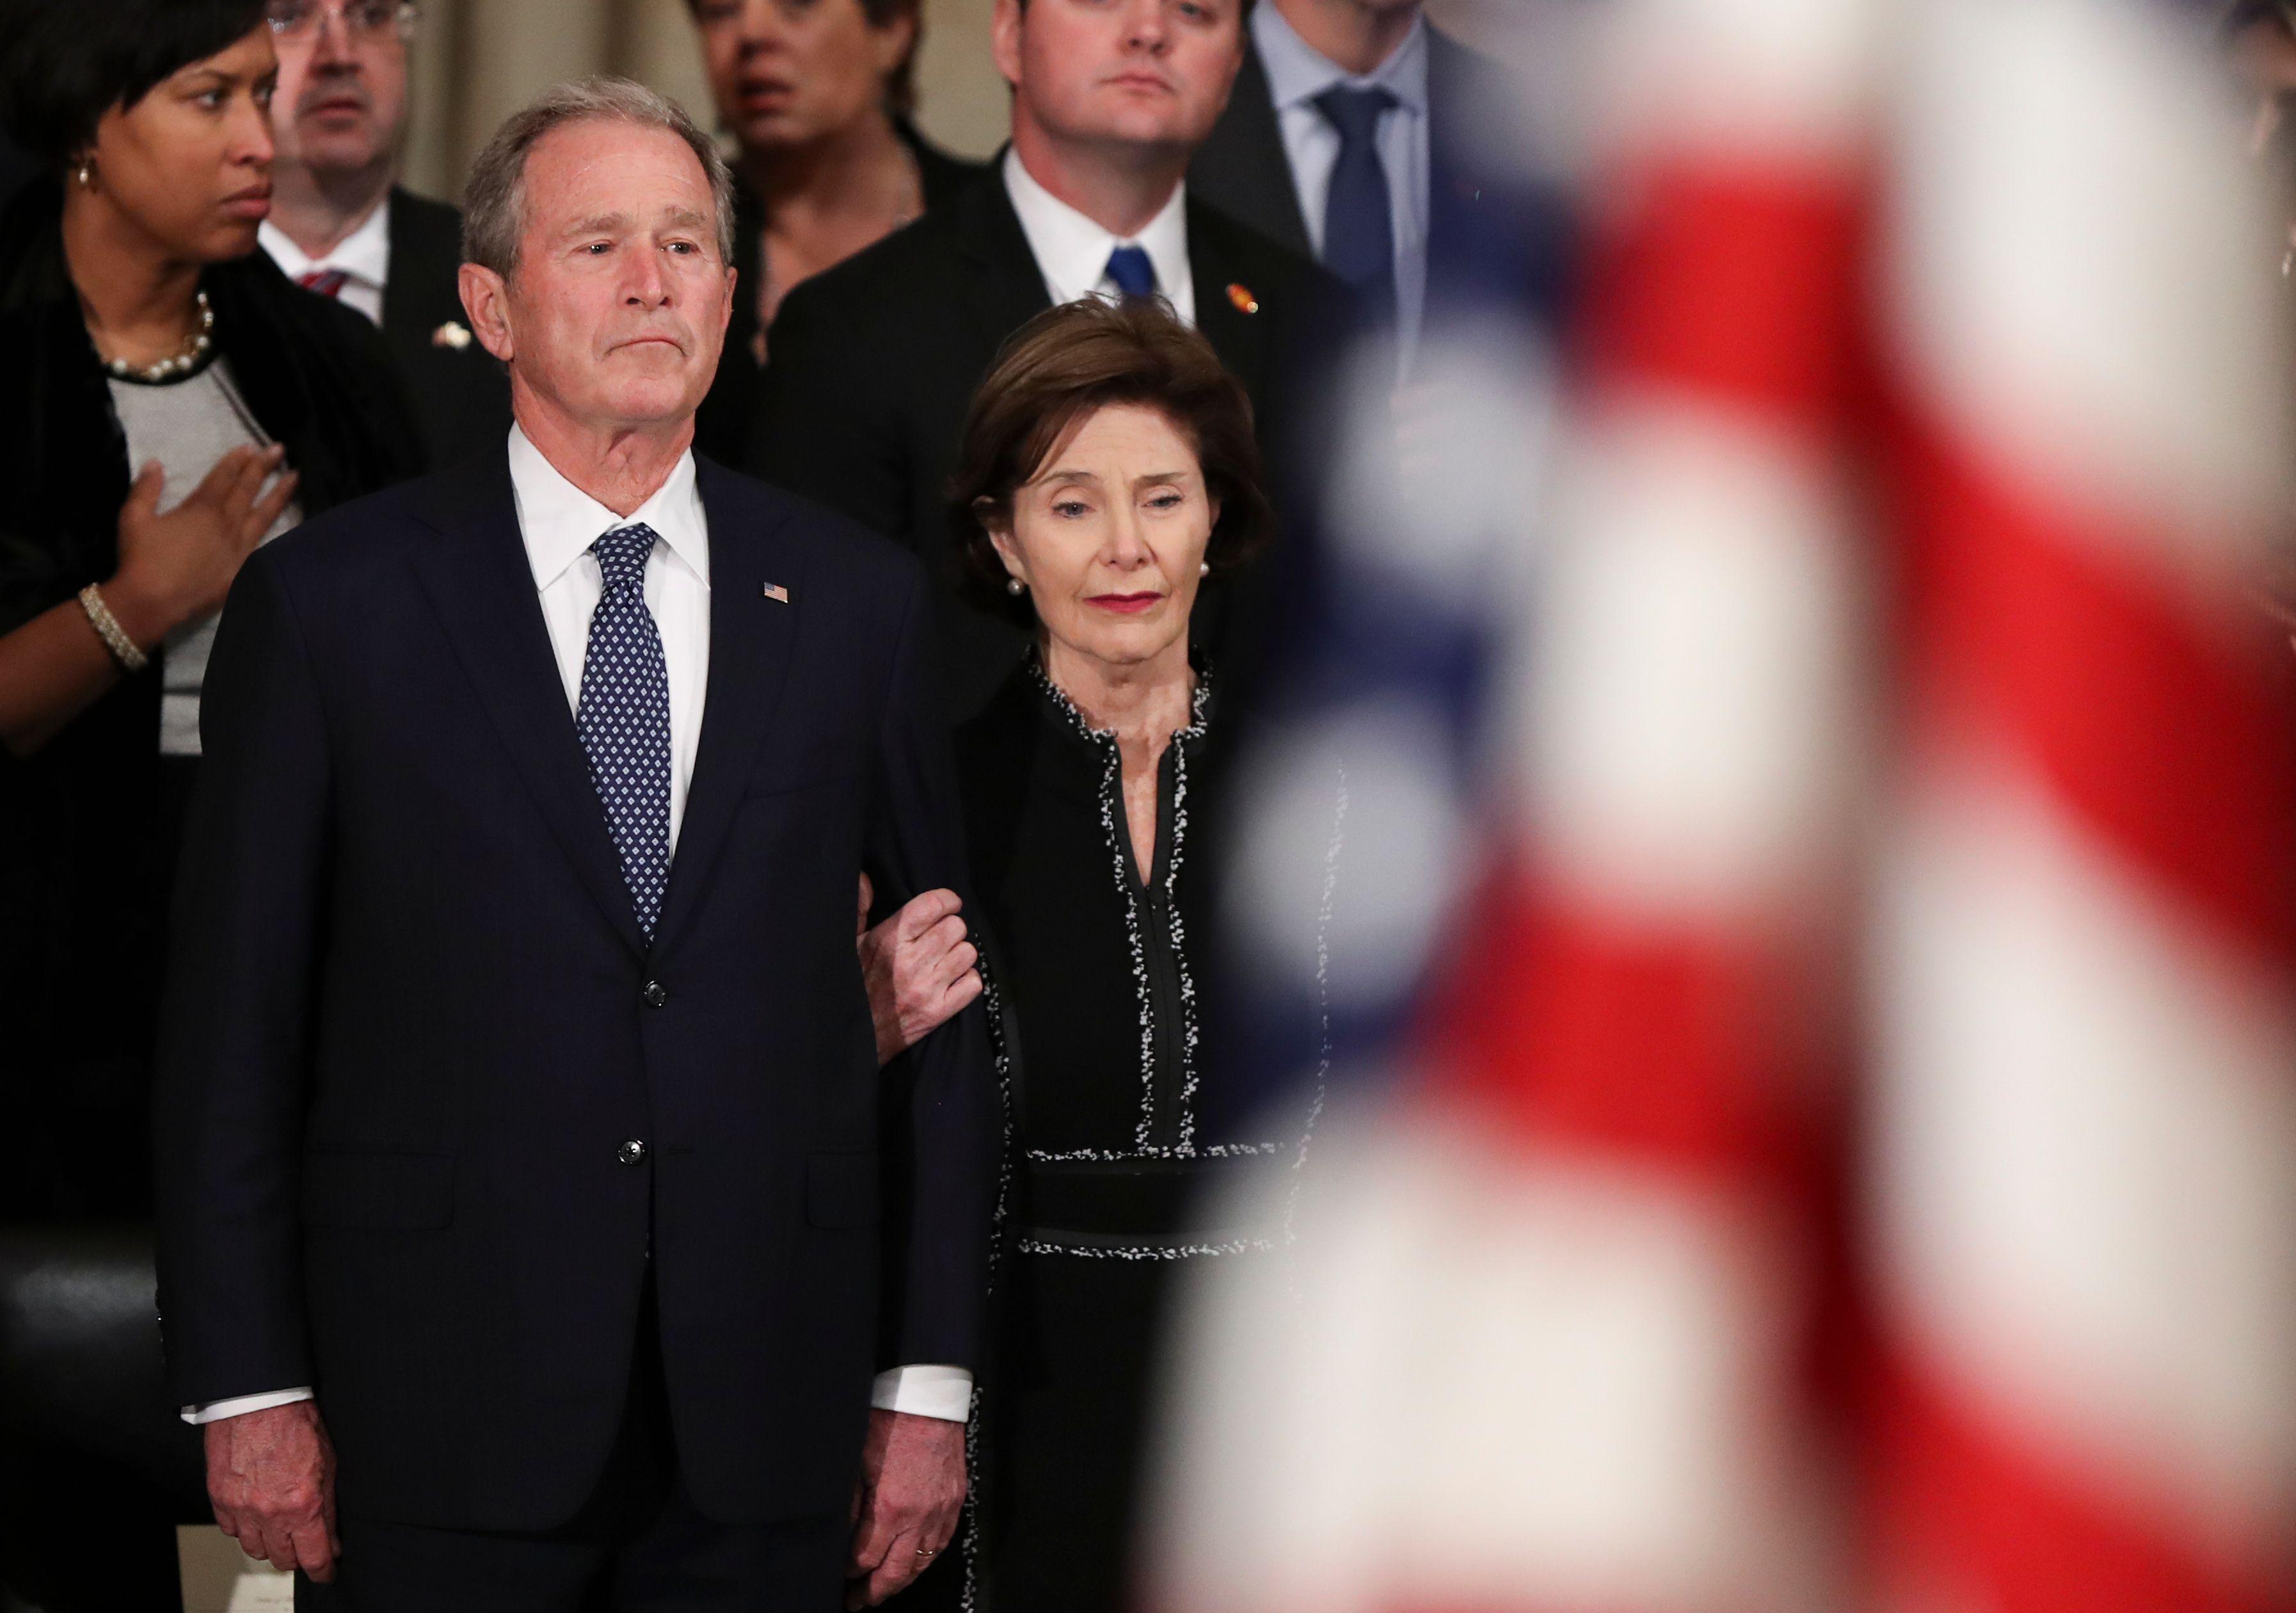 George W. Bush and Laura Bush look on sadly at George H. W. Bush's casket in rotunda.